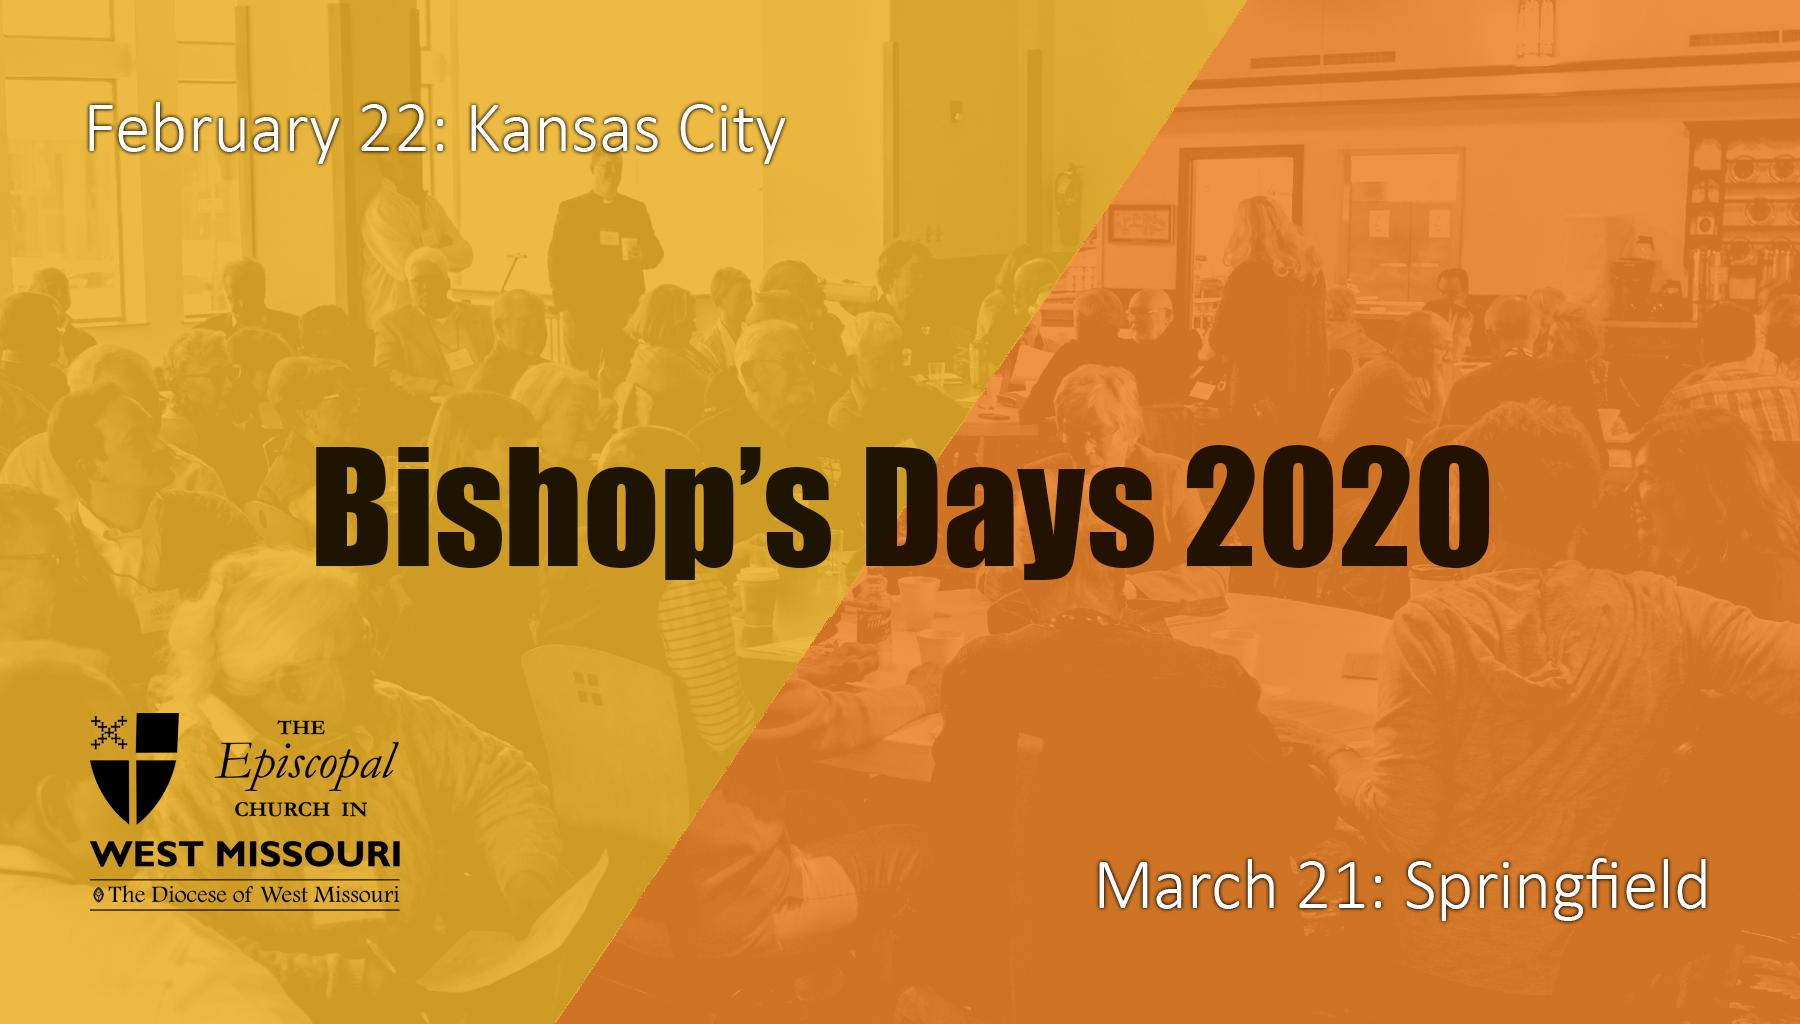 Bishop's Days 2020